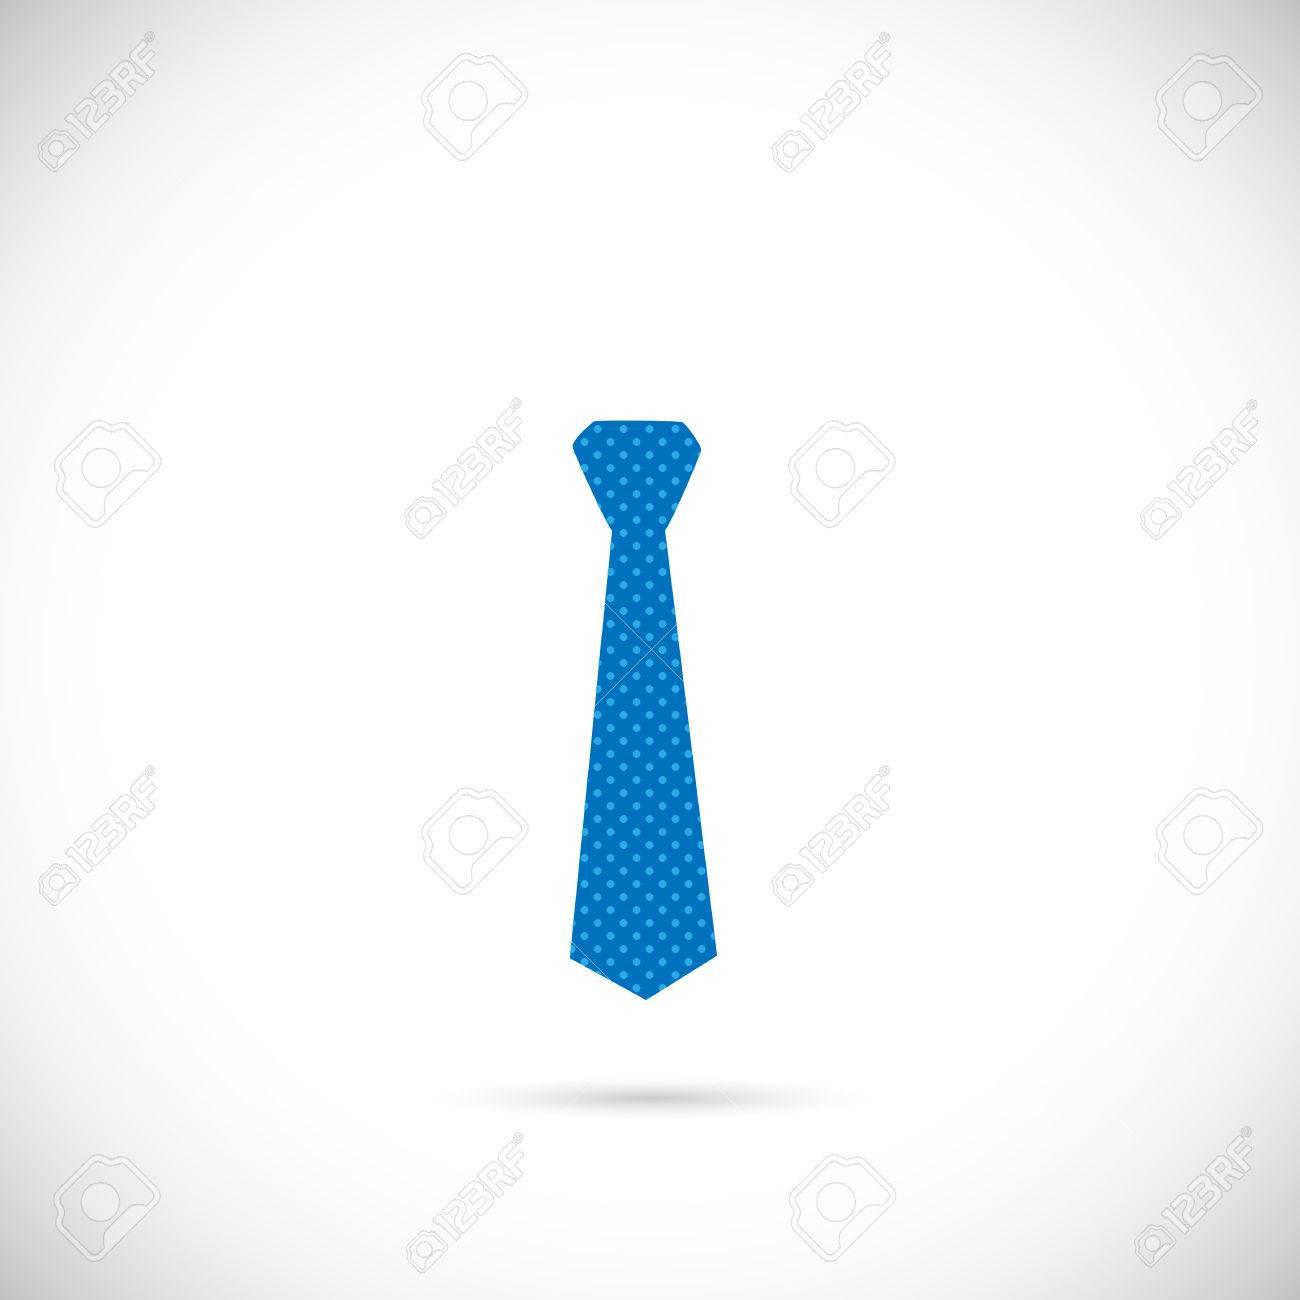 2019 professionnel pas cher ramassé Illustration d'une cravate bleu coloré isolé sur un fond blanc.